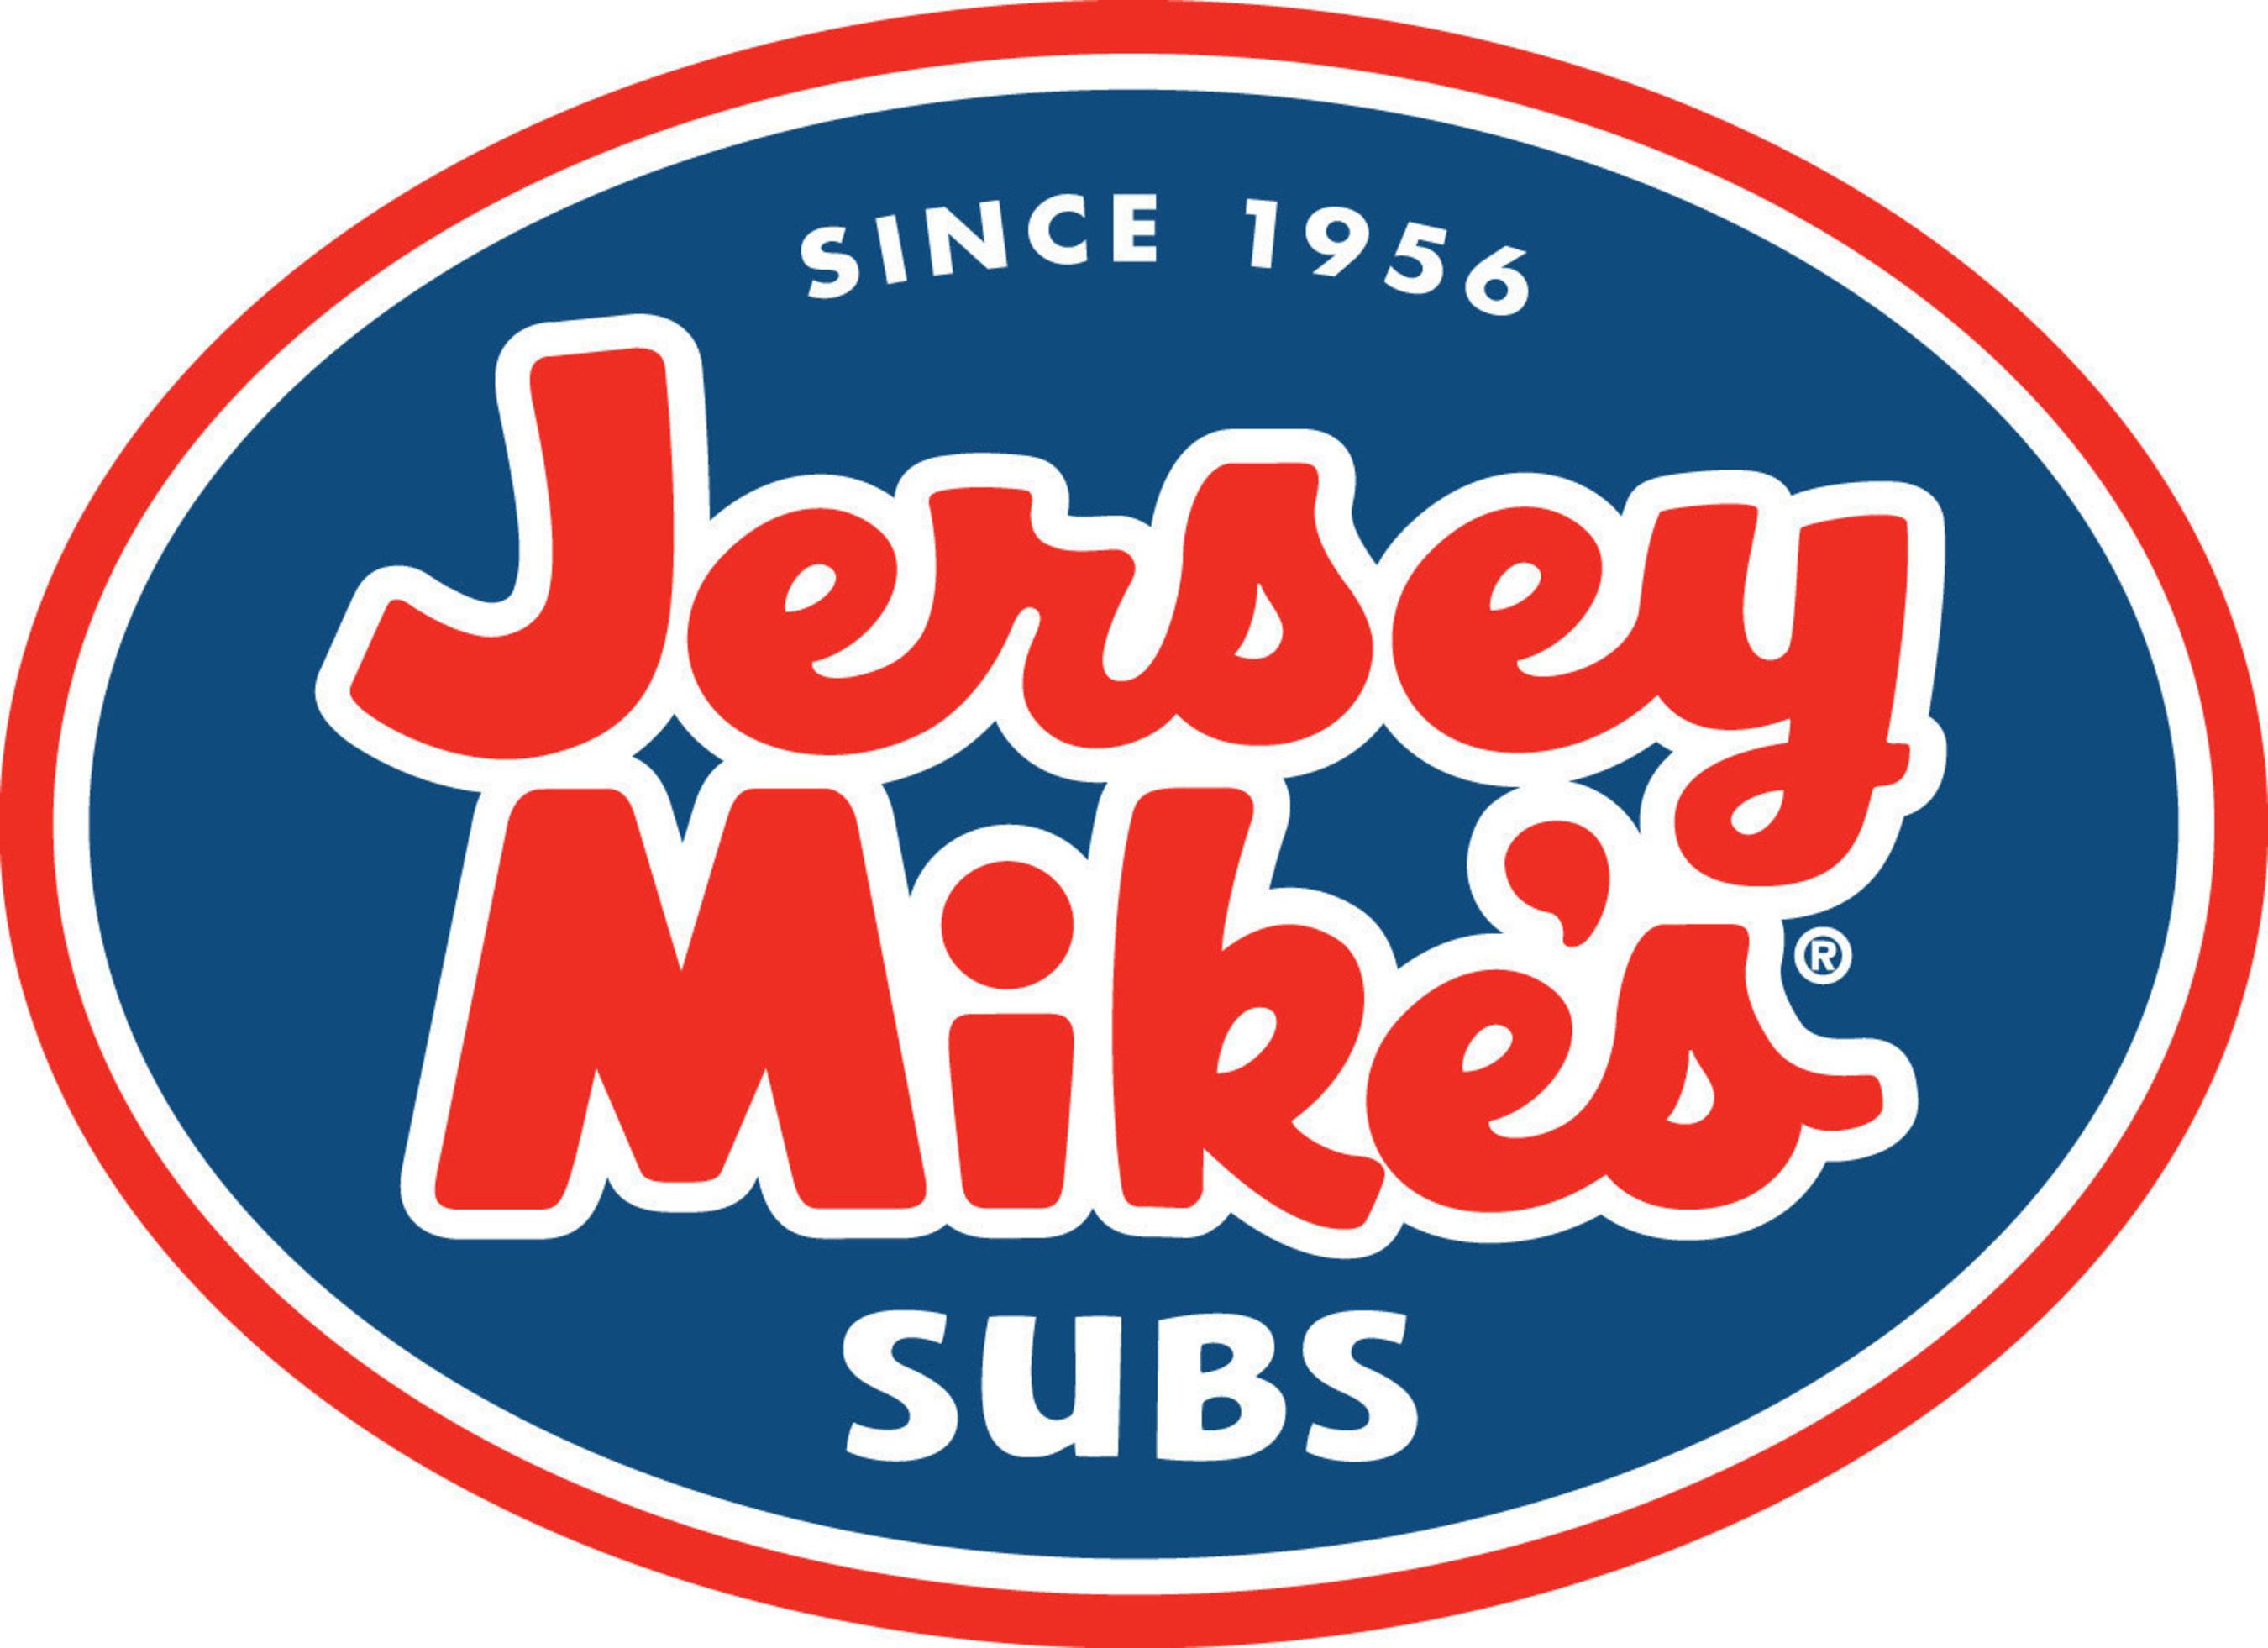 www.jerseymikes.com